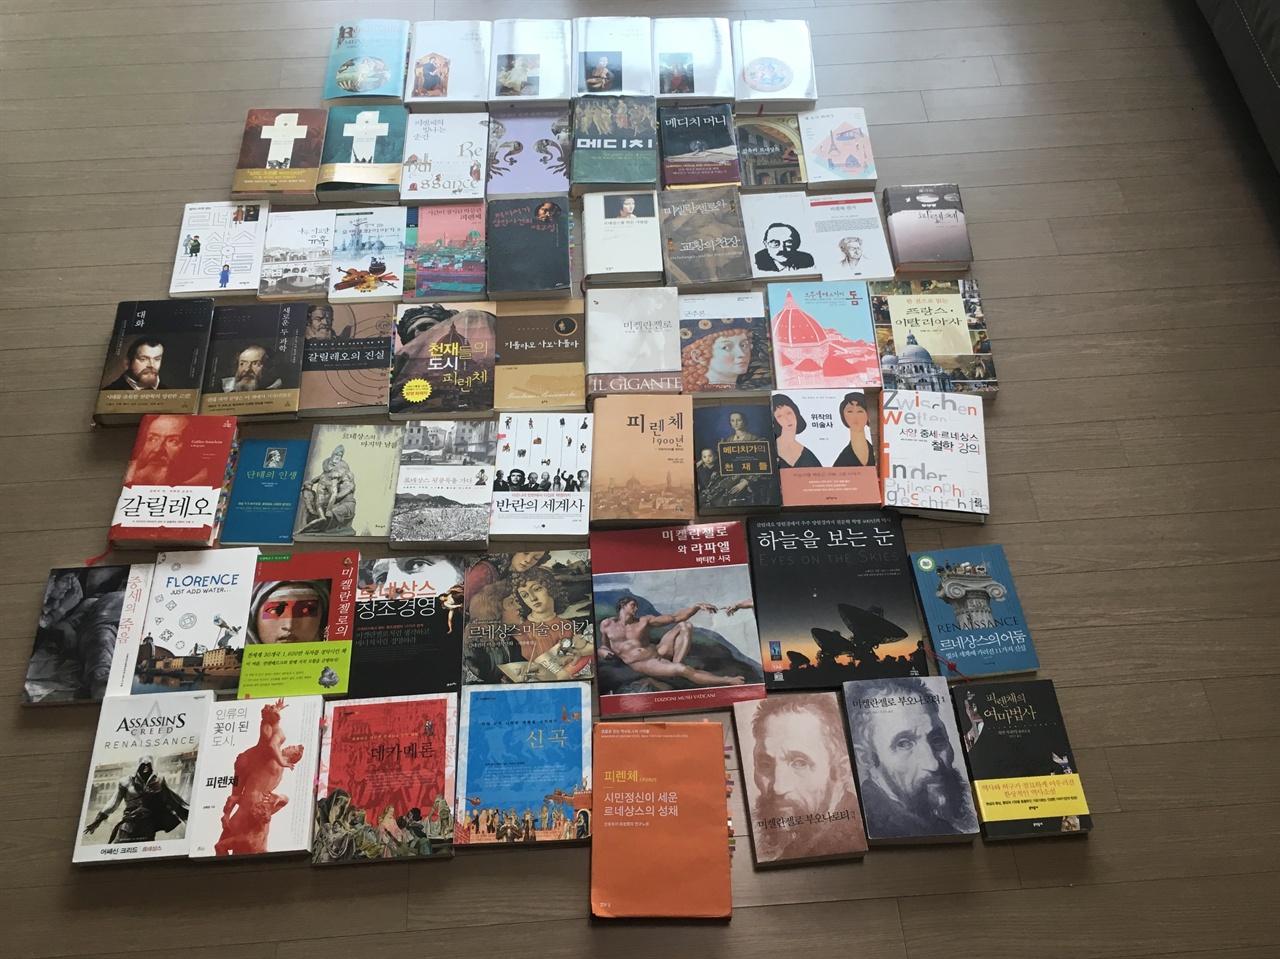 피렌체와 르네상스 관련 도서들    2014년부터 모은 책들이다. 지금은 60권을 훌쩍 넘어섰다.